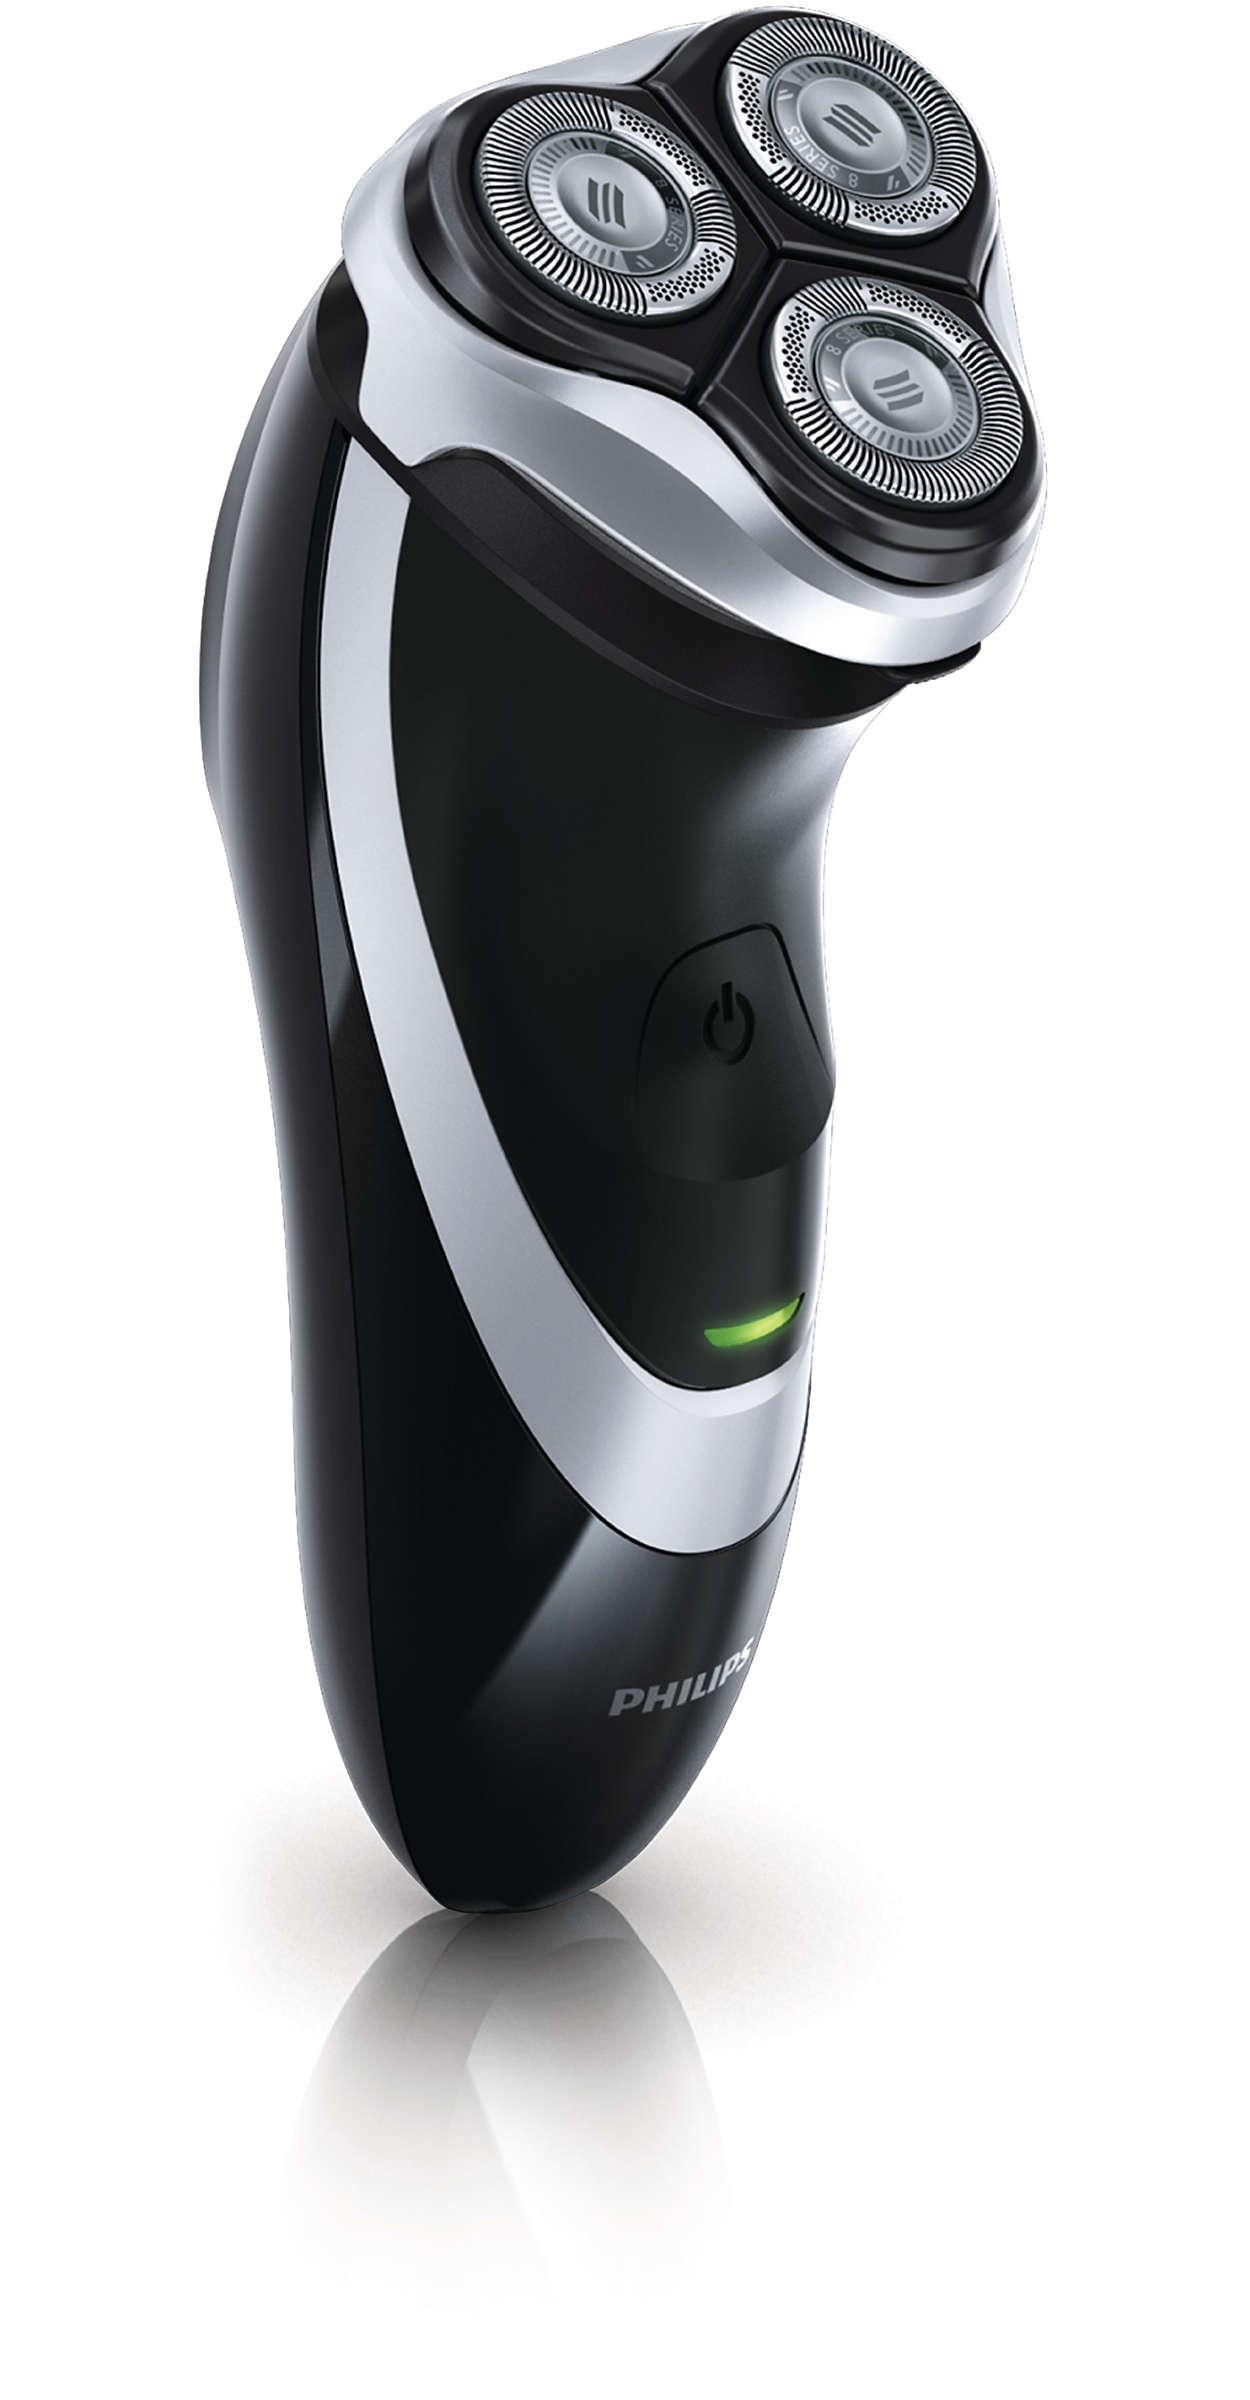 Daha pürüzsüz ve temiz bir tıraş deneyimi